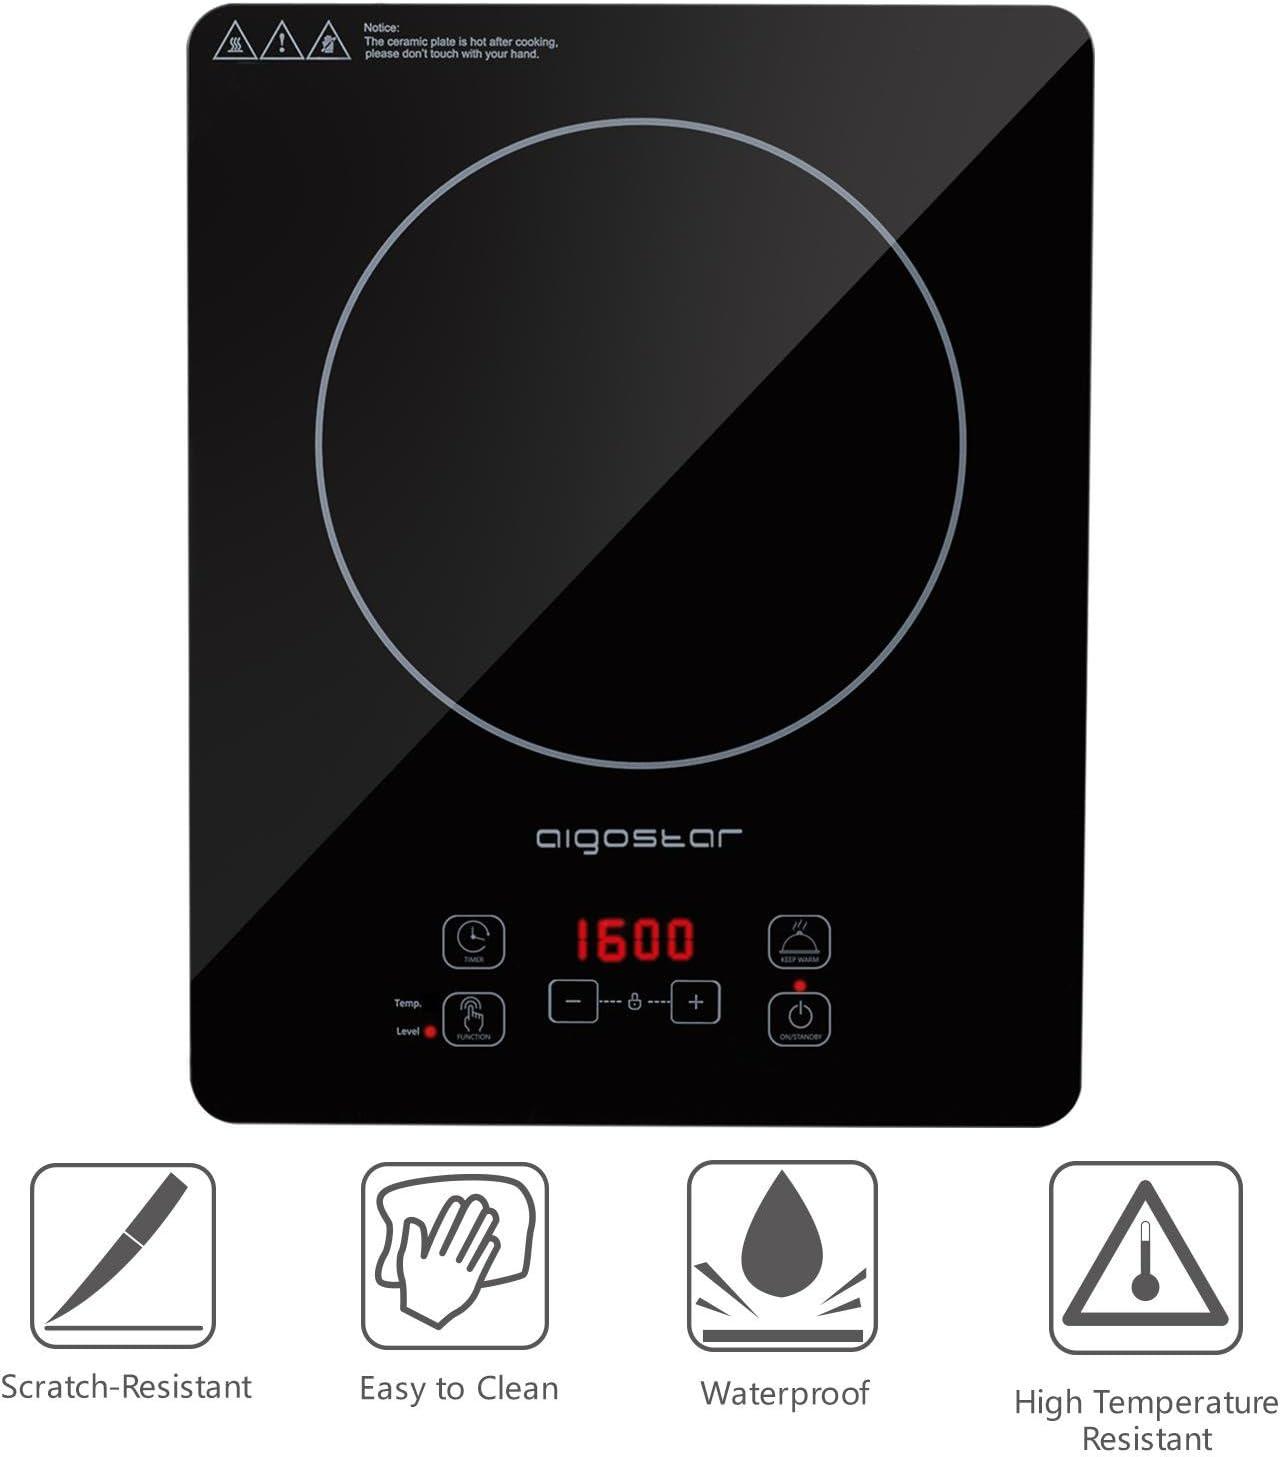 Aigostar Set Blackfire 30IAW Incluye cazuela y utensilios.Dise/ño exclusivo 2000 W Placa inducci/ón port/átil multifunci/ón control t/áctil programable 10 niveles potencia funci/ón mantener caliente